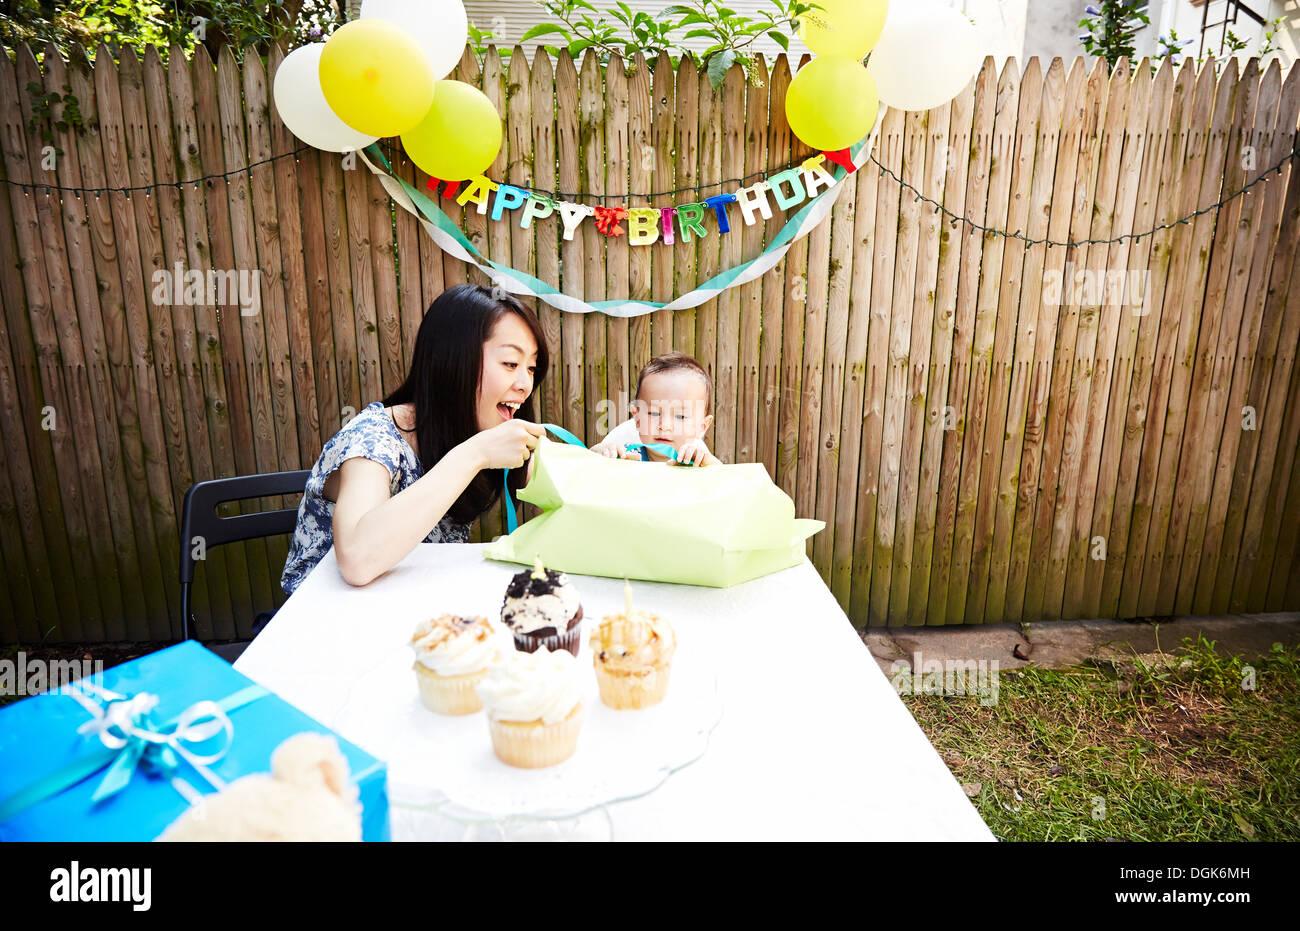 Madre y bebé niño desenvolver regalo de cumpleaños Imagen De Stock